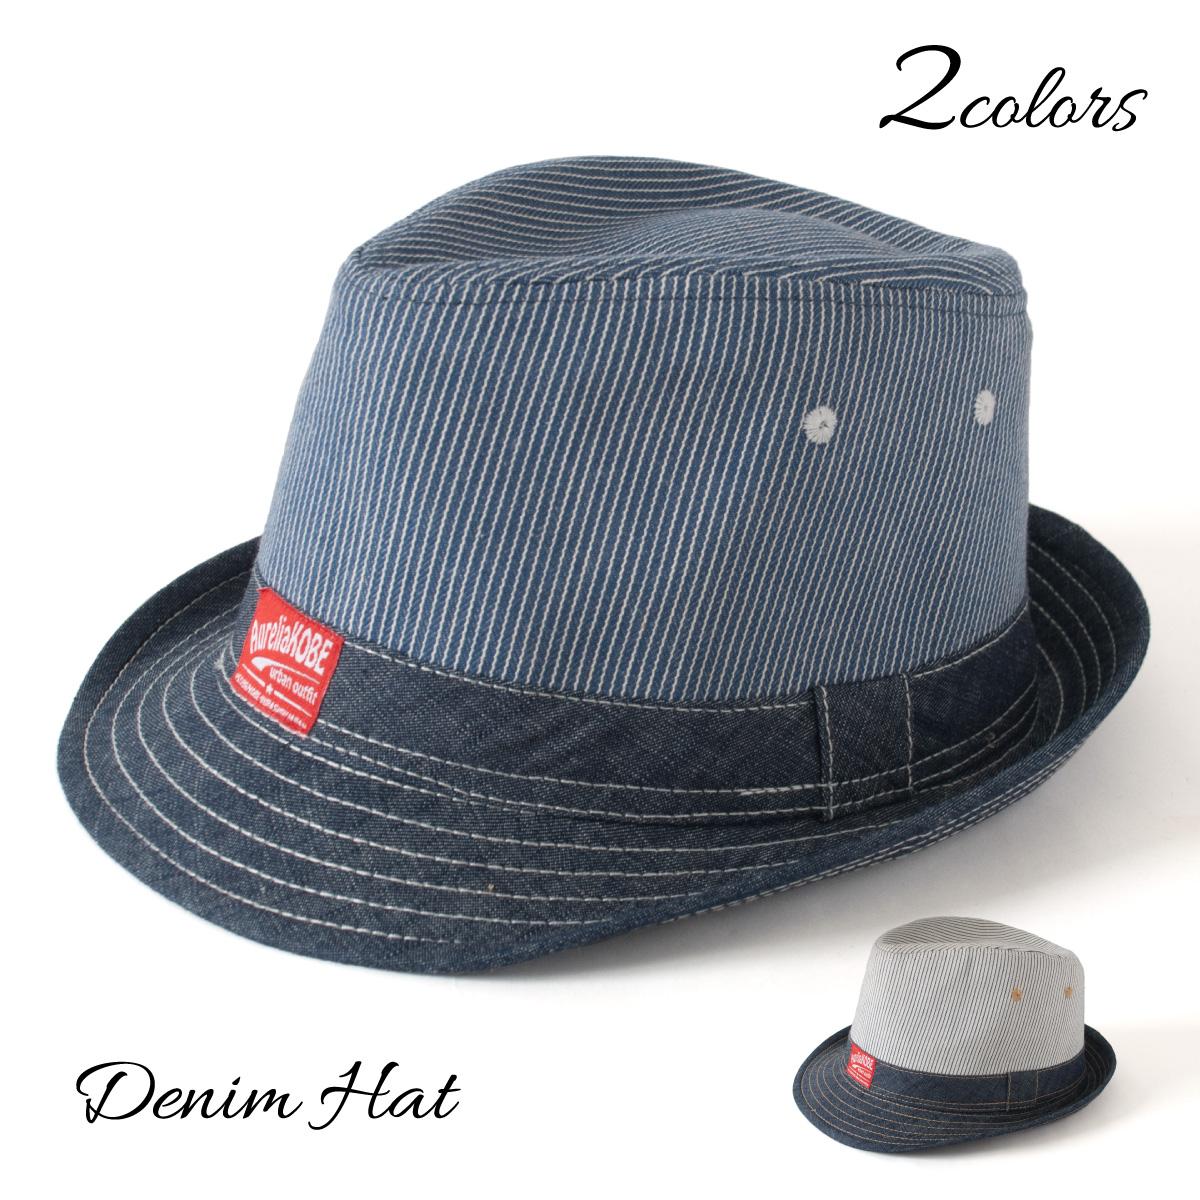 帽子 KIDS ストライプ 子供帽子 ハット キッズデニム中折れハット 今だけスーパーセール限定 デニム キッズ 子供 中折れ帽子帽子 通販 春夏帽子